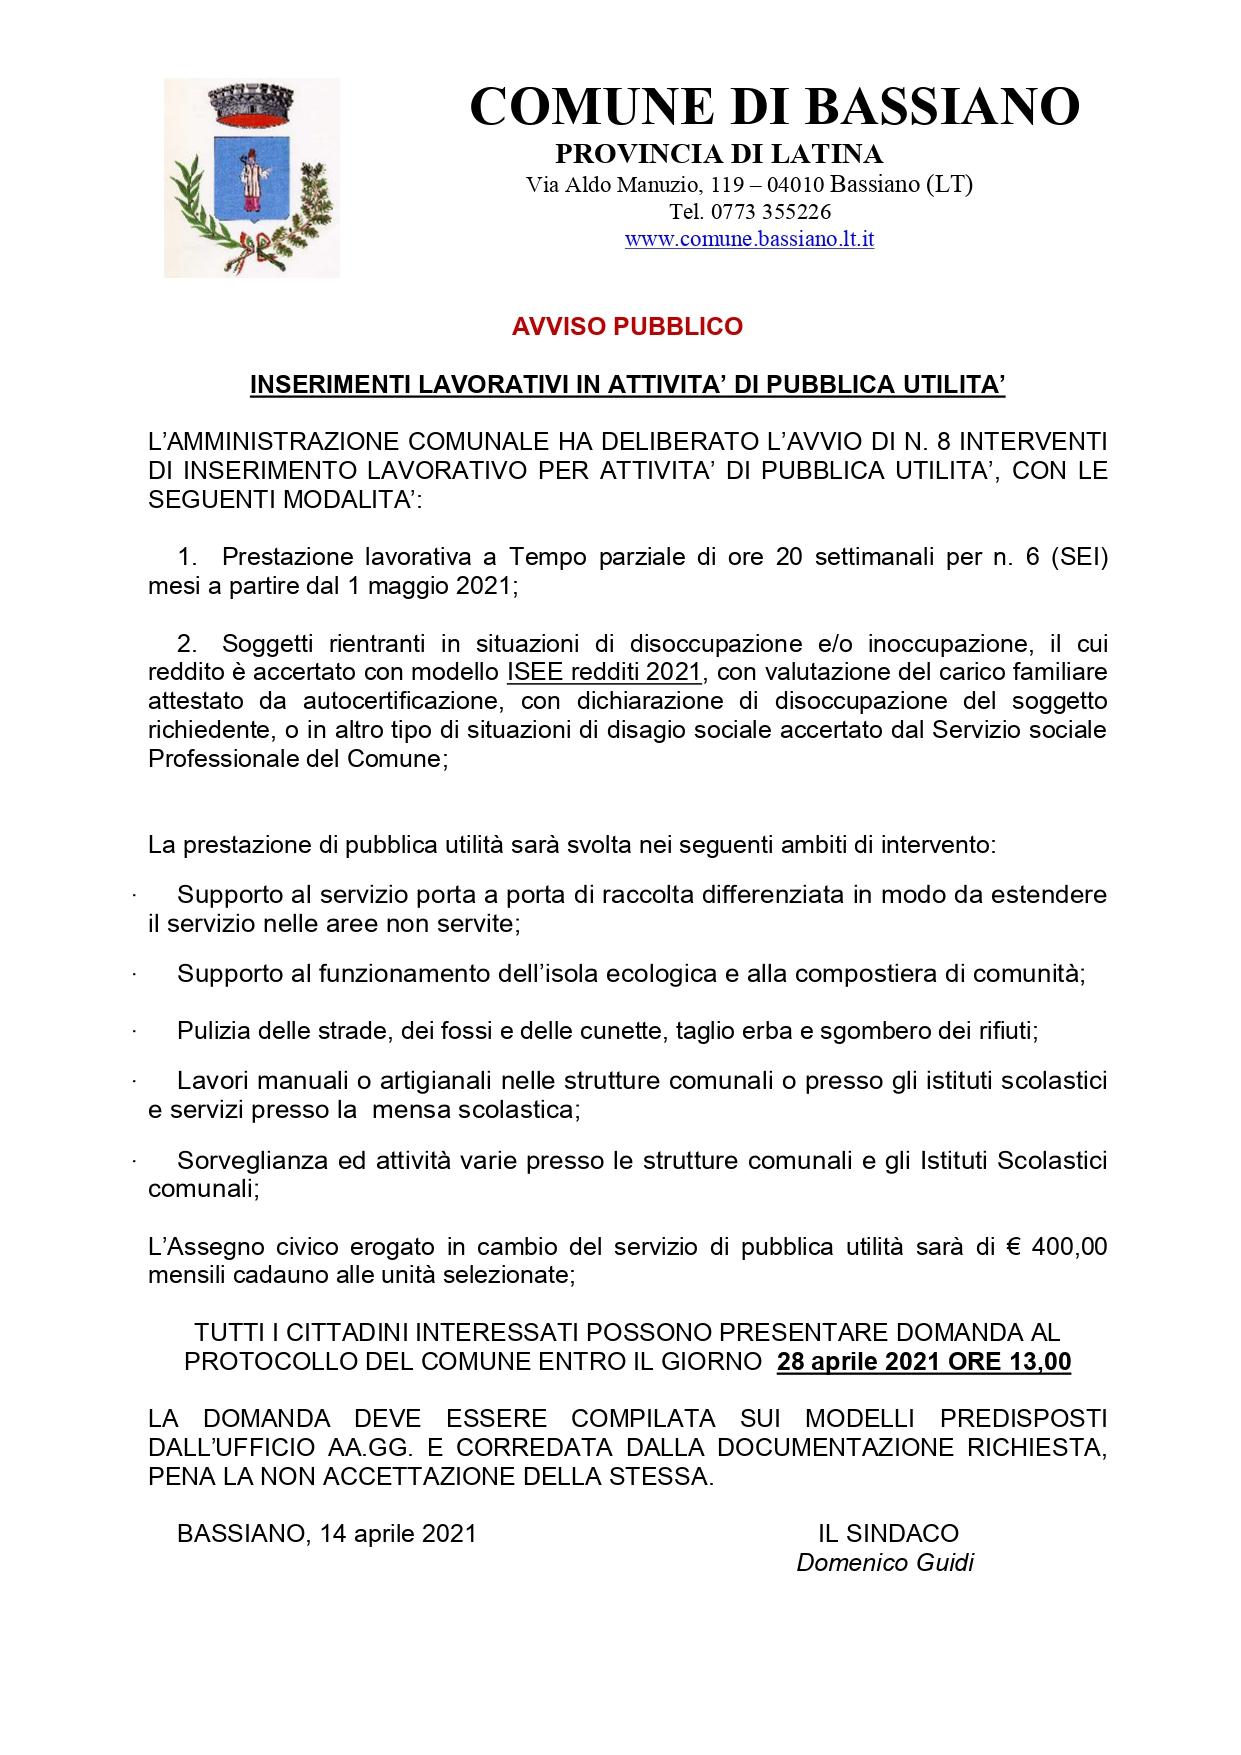 AVVISO PUBBLICO - INSERIMENTI LAVORATIVI IN ATTIVITA' DI PUBBLICA UTILITA'